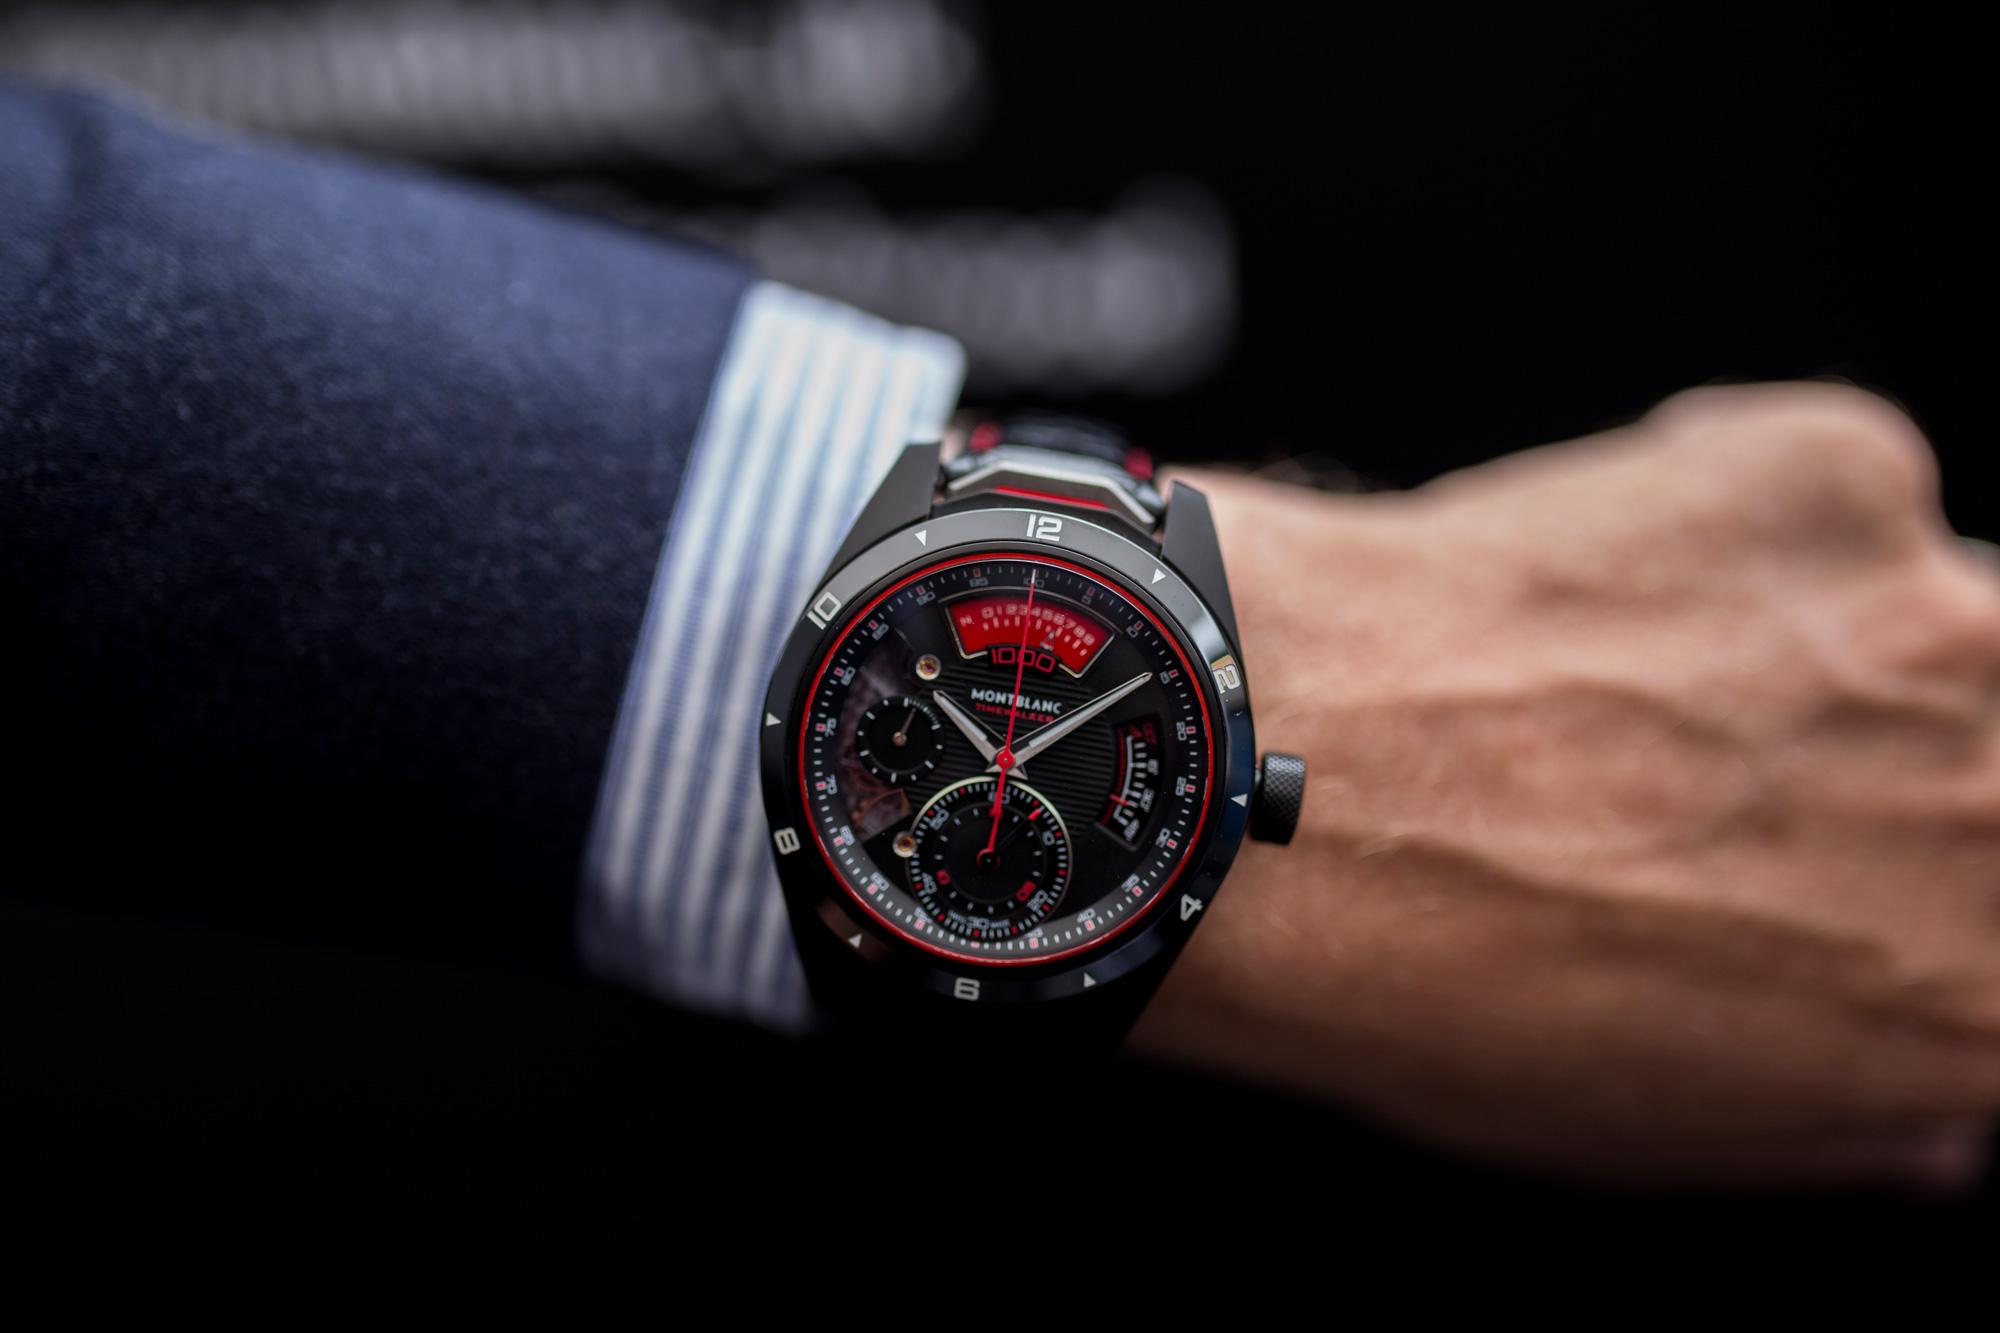 Mont Blanc Luxury watch